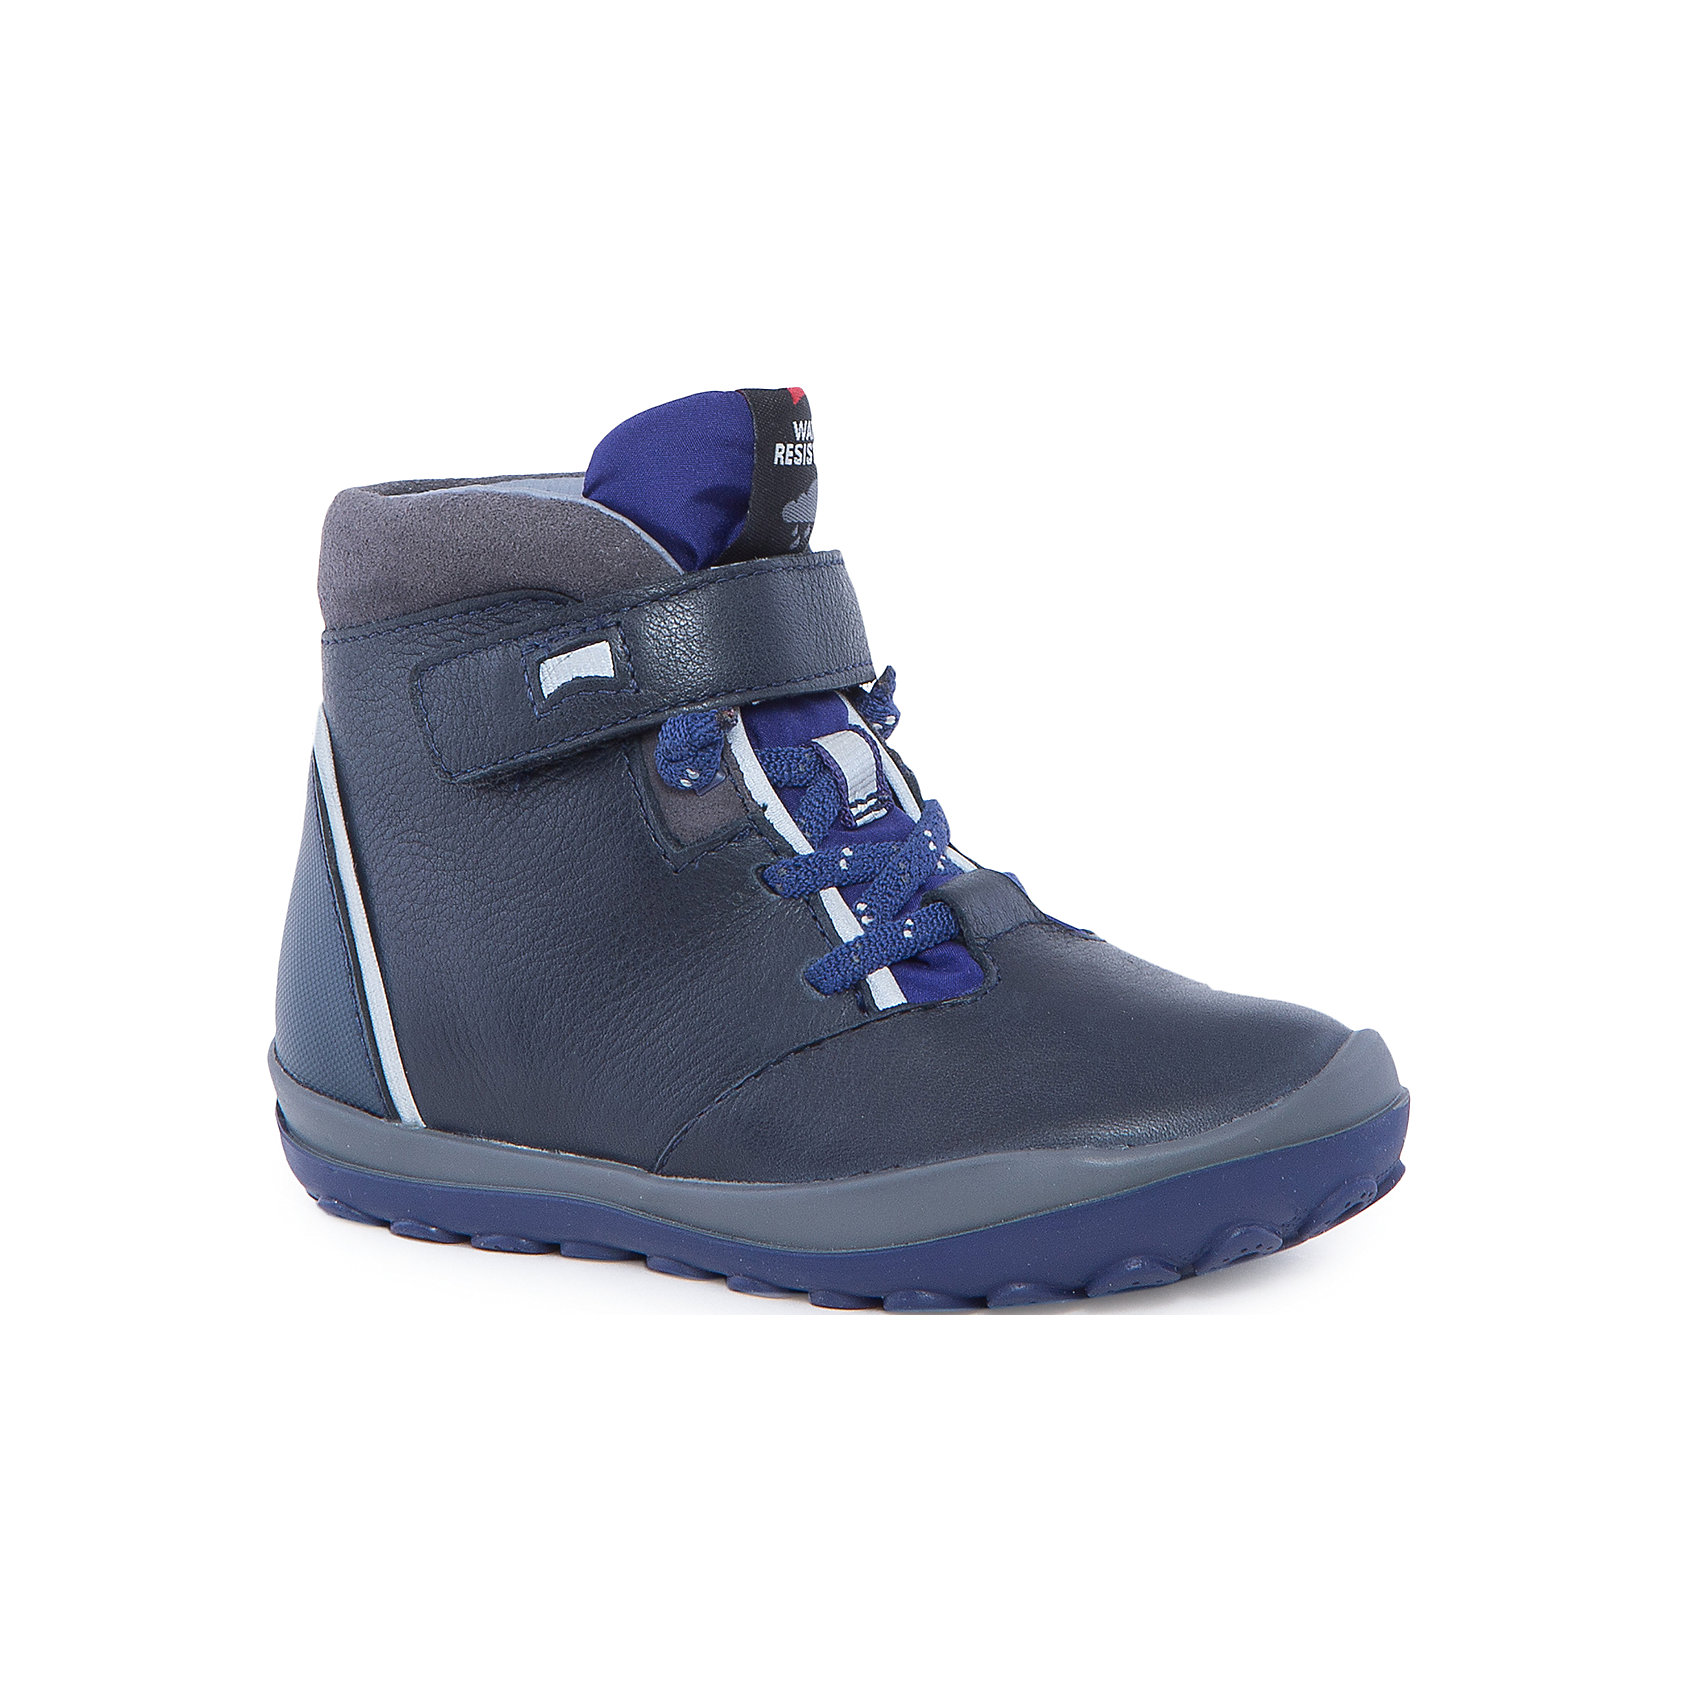 Ботинки для мальчика CamperБотинки<br>Характеристики:<br><br>• Предназначение: повседневная обувь<br>• Сезон: демисезонные<br>• Пол: для мальчика<br>• Цвет: черный, синий, серый<br>• Материал верха и стельки: натуральная кожа, текстиль, замша<br>• Материал подошвы: резина<br>• Тип каблука и подошвы: рифленая подошва<br>• Тип застежки: шнурки, ремешки-липучки<br>• Уход: удаление загрязнений мягкой тканью<br><br>Ботинки для мальчика Camper изготовлены испанским торговым брендом, специализирующимся на производстве обуви премиум-класса. Детская обувь Camper учитывает анатомические особенности детской растущей ноги, поэтому она изготавливается исключительно из натуральной кожи. Ботинки выполнены из сочетания гладкой кожи и замши, все элементы верха прошиты, имеется ортопедическая стелька. Эта модель ботинок выполнена с повышенными влагостойкими и антискользящими свойствами, имеет дополнительное утепление. Ботинки выполнены в дизайне детской линии от Camper – Peu Pista, которая отличается спортивным дизайном и яркими элементами, анатомической формой и повышенными комфортными свойствами. <br><br>Ботинки для мальчика Camper можно купить в нашем интернет-магазине.<br><br>Ширина мм: 262<br>Глубина мм: 176<br>Высота мм: 97<br>Вес г: 427<br>Цвет: синий<br>Возраст от месяцев: 36<br>Возраст до месяцев: 48<br>Пол: Мужской<br>Возраст: Детский<br>Размер: 27,25,29,26,30,28<br>SKU: 4974991